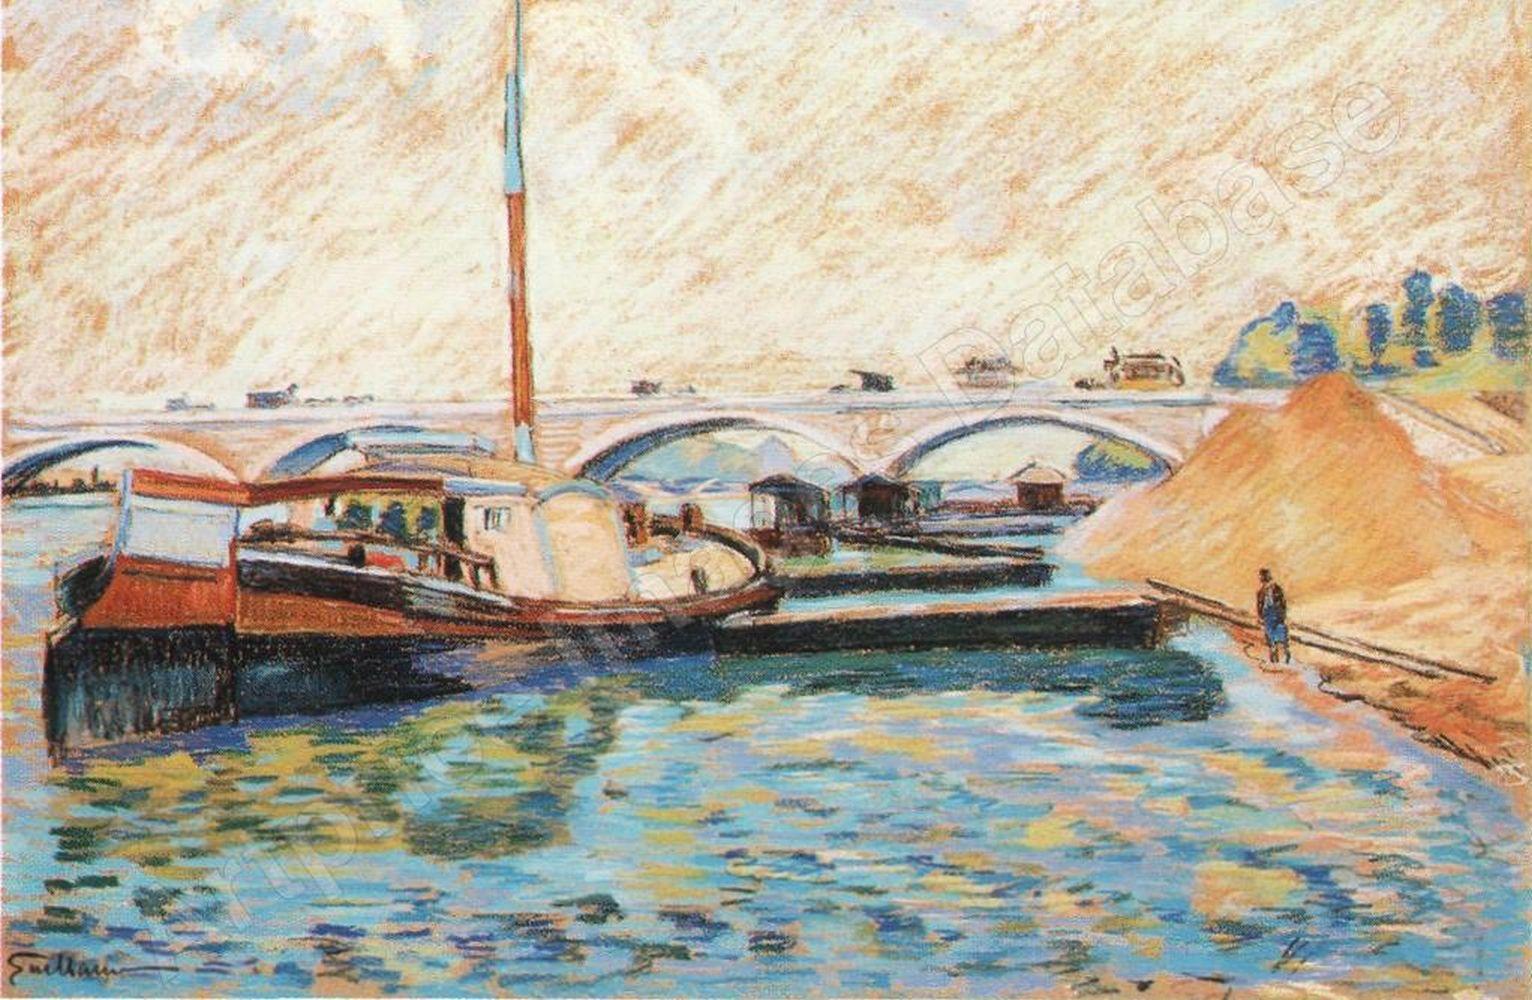 Jean Baptiste Armand Guillaumin - Péniches sur la Seine à Charenton